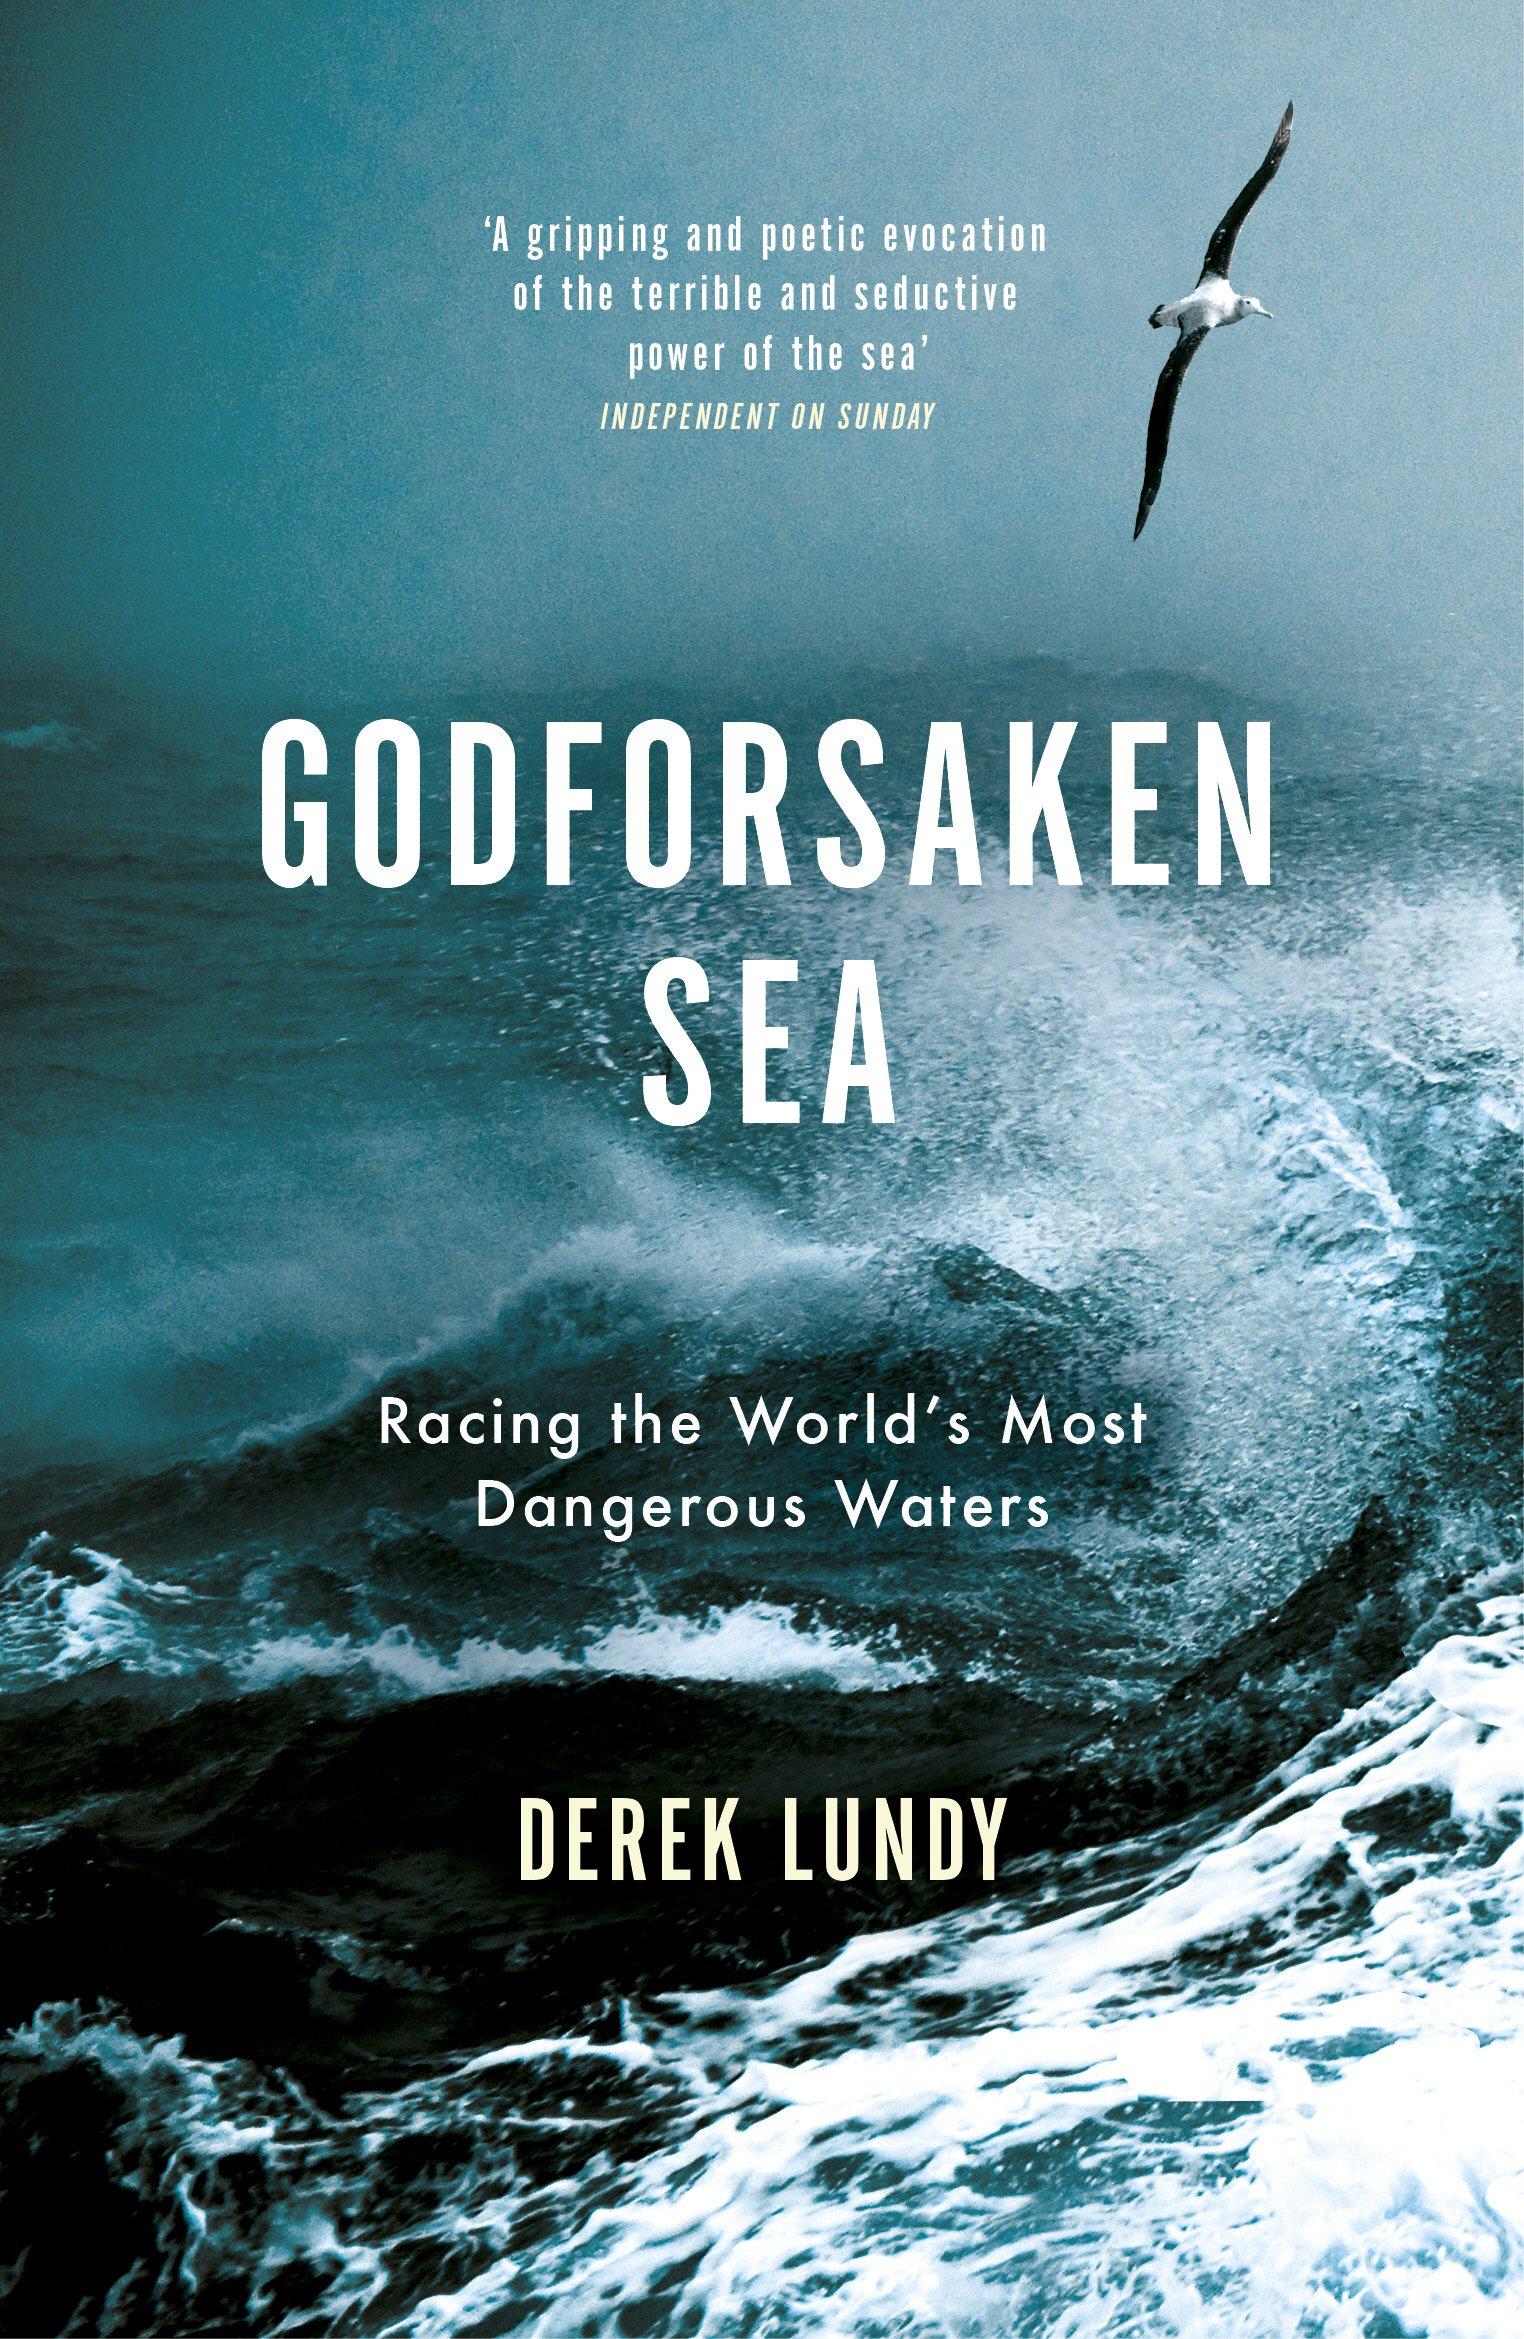 The Godforsaken Sea: Racing the World's Most Dangerous Waters